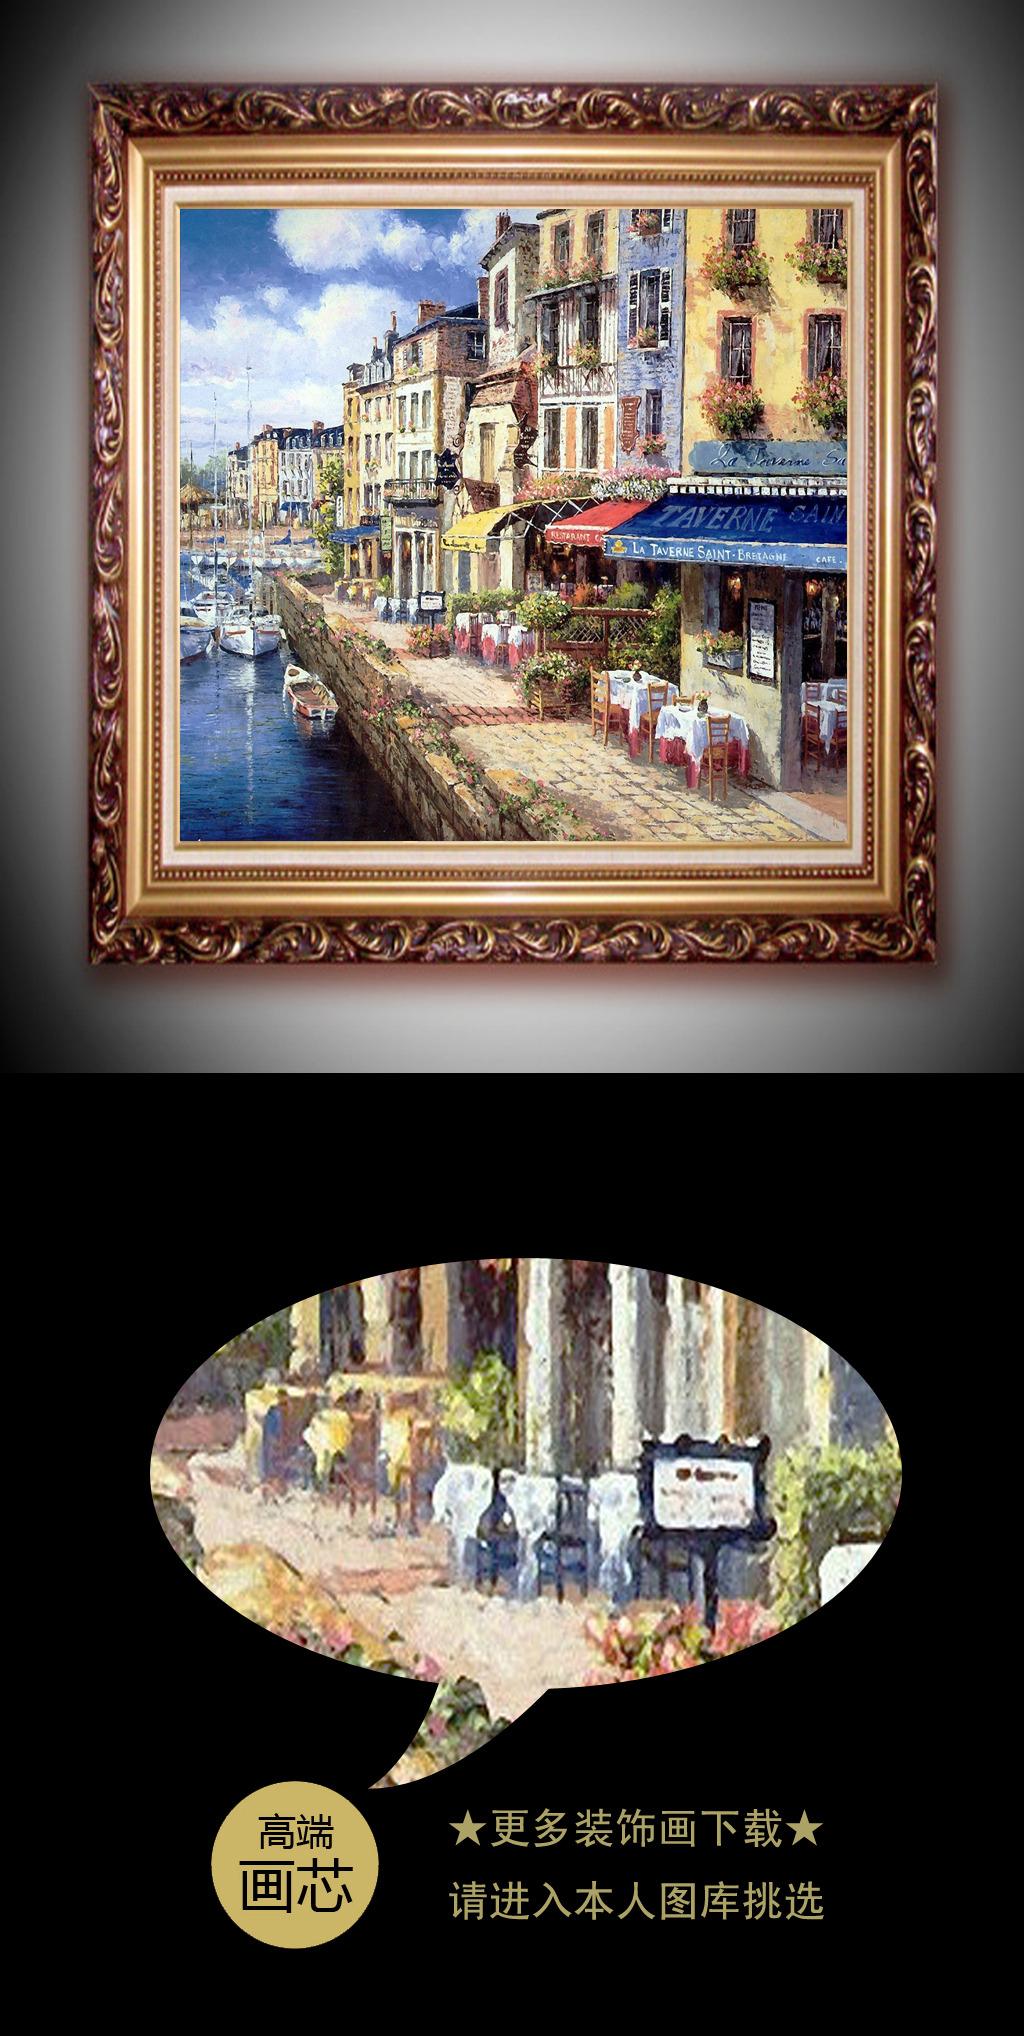 欧洲街道手绘油画下载图片下载 高清精品 古典油画花卉高档 珍贵 珍藏